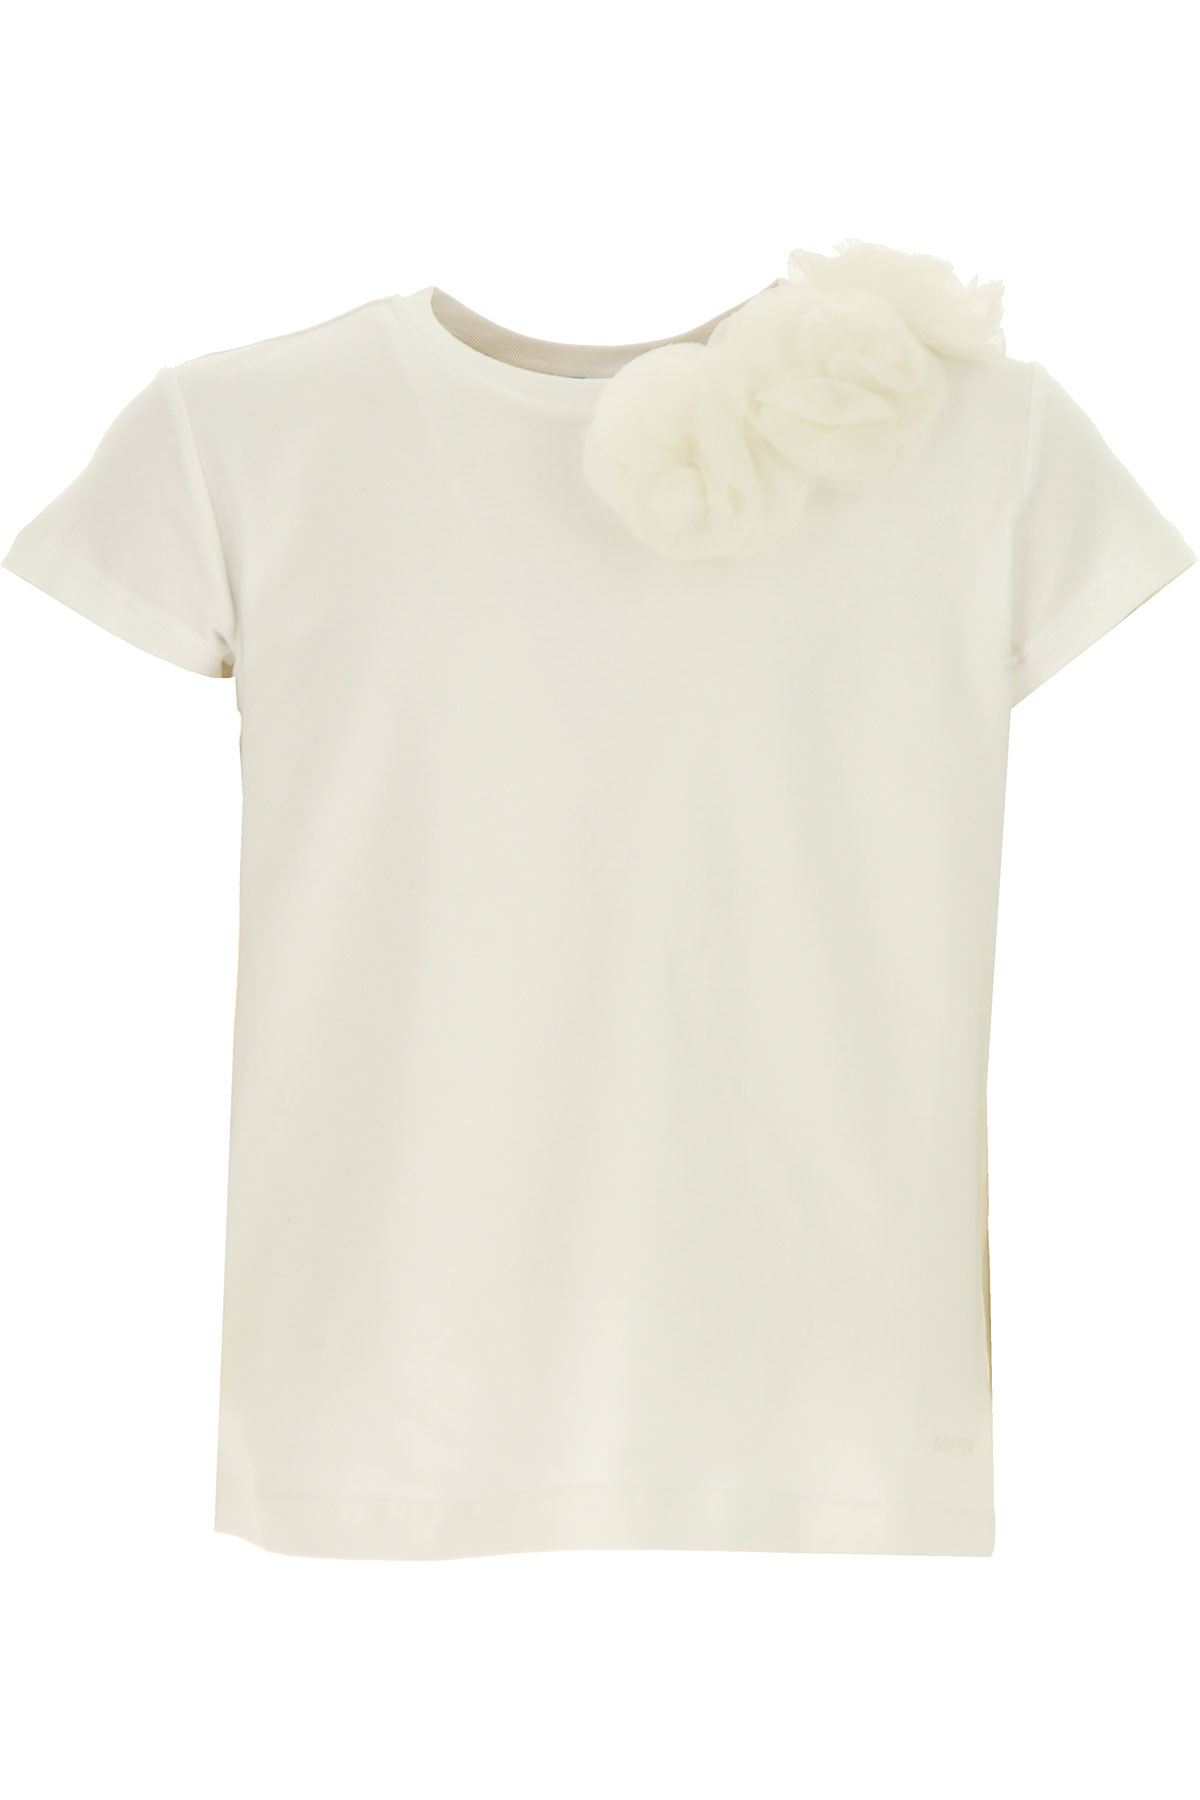 Lanvin T-Shirt Enfant pour Fille, Blanc, Coton, 2017, 10Y 6Y 8Y